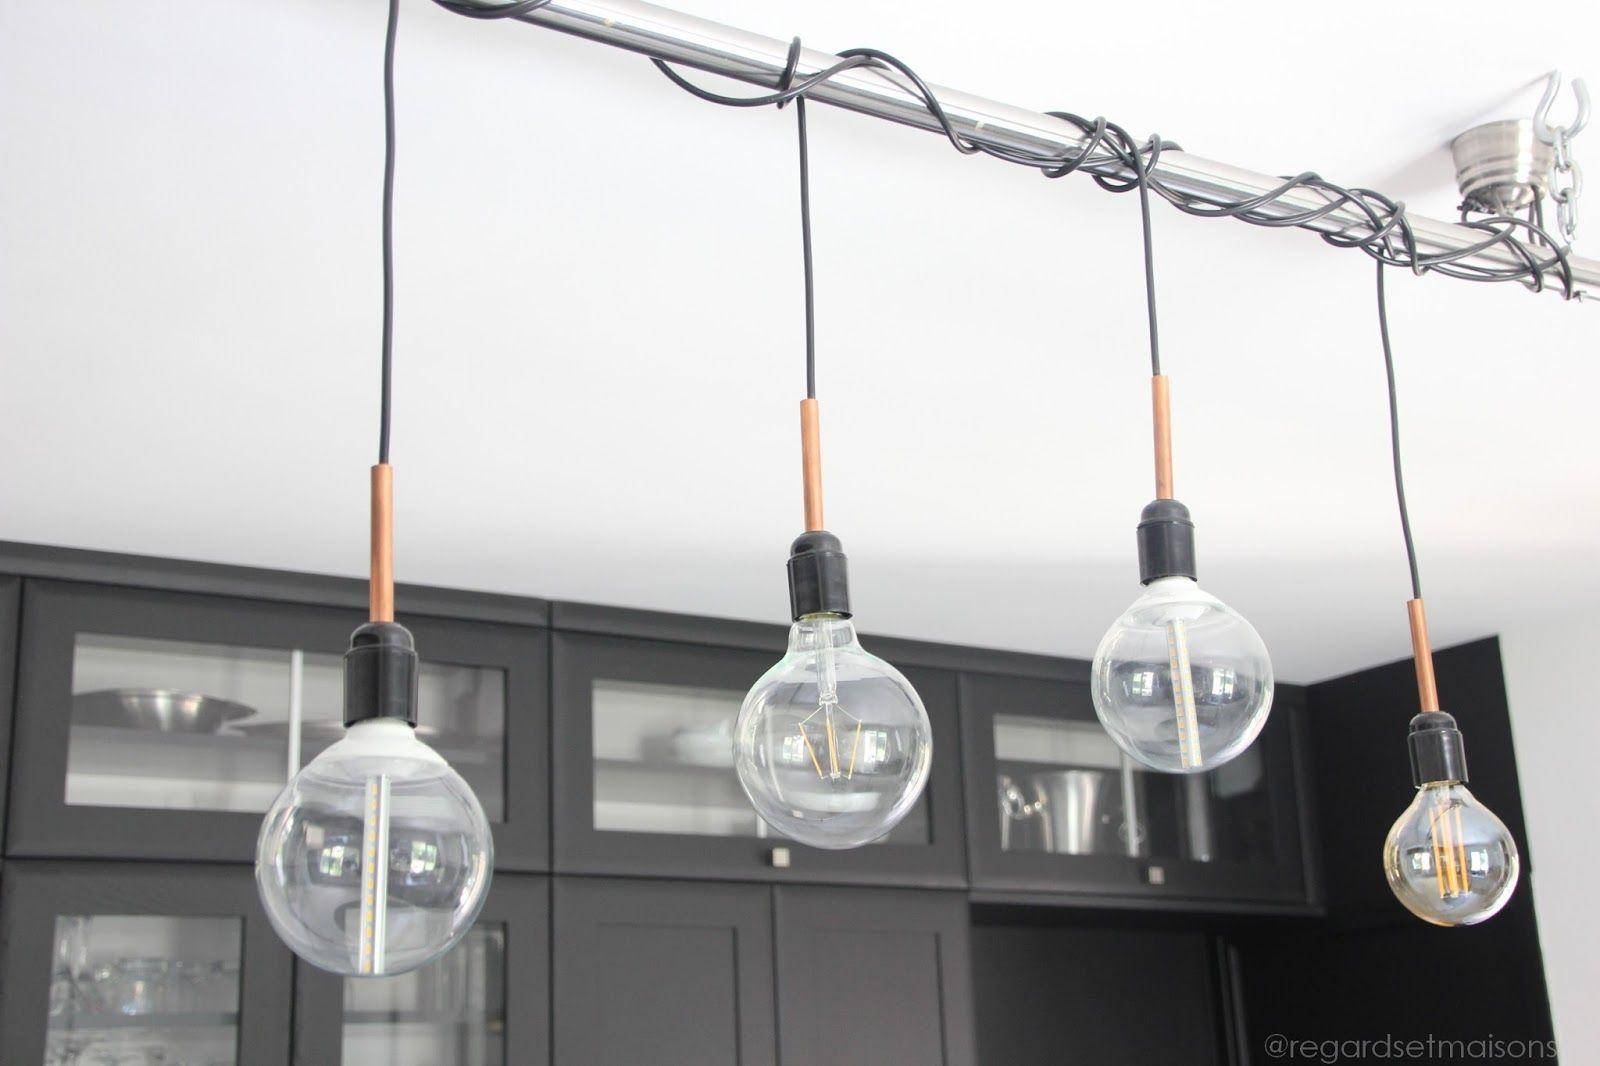 Homemade Suspension Luminaire Luminaire Suspension Homemade Homemade Luminaire Suspension Homemade Suspension Luminaire DEH29WIY